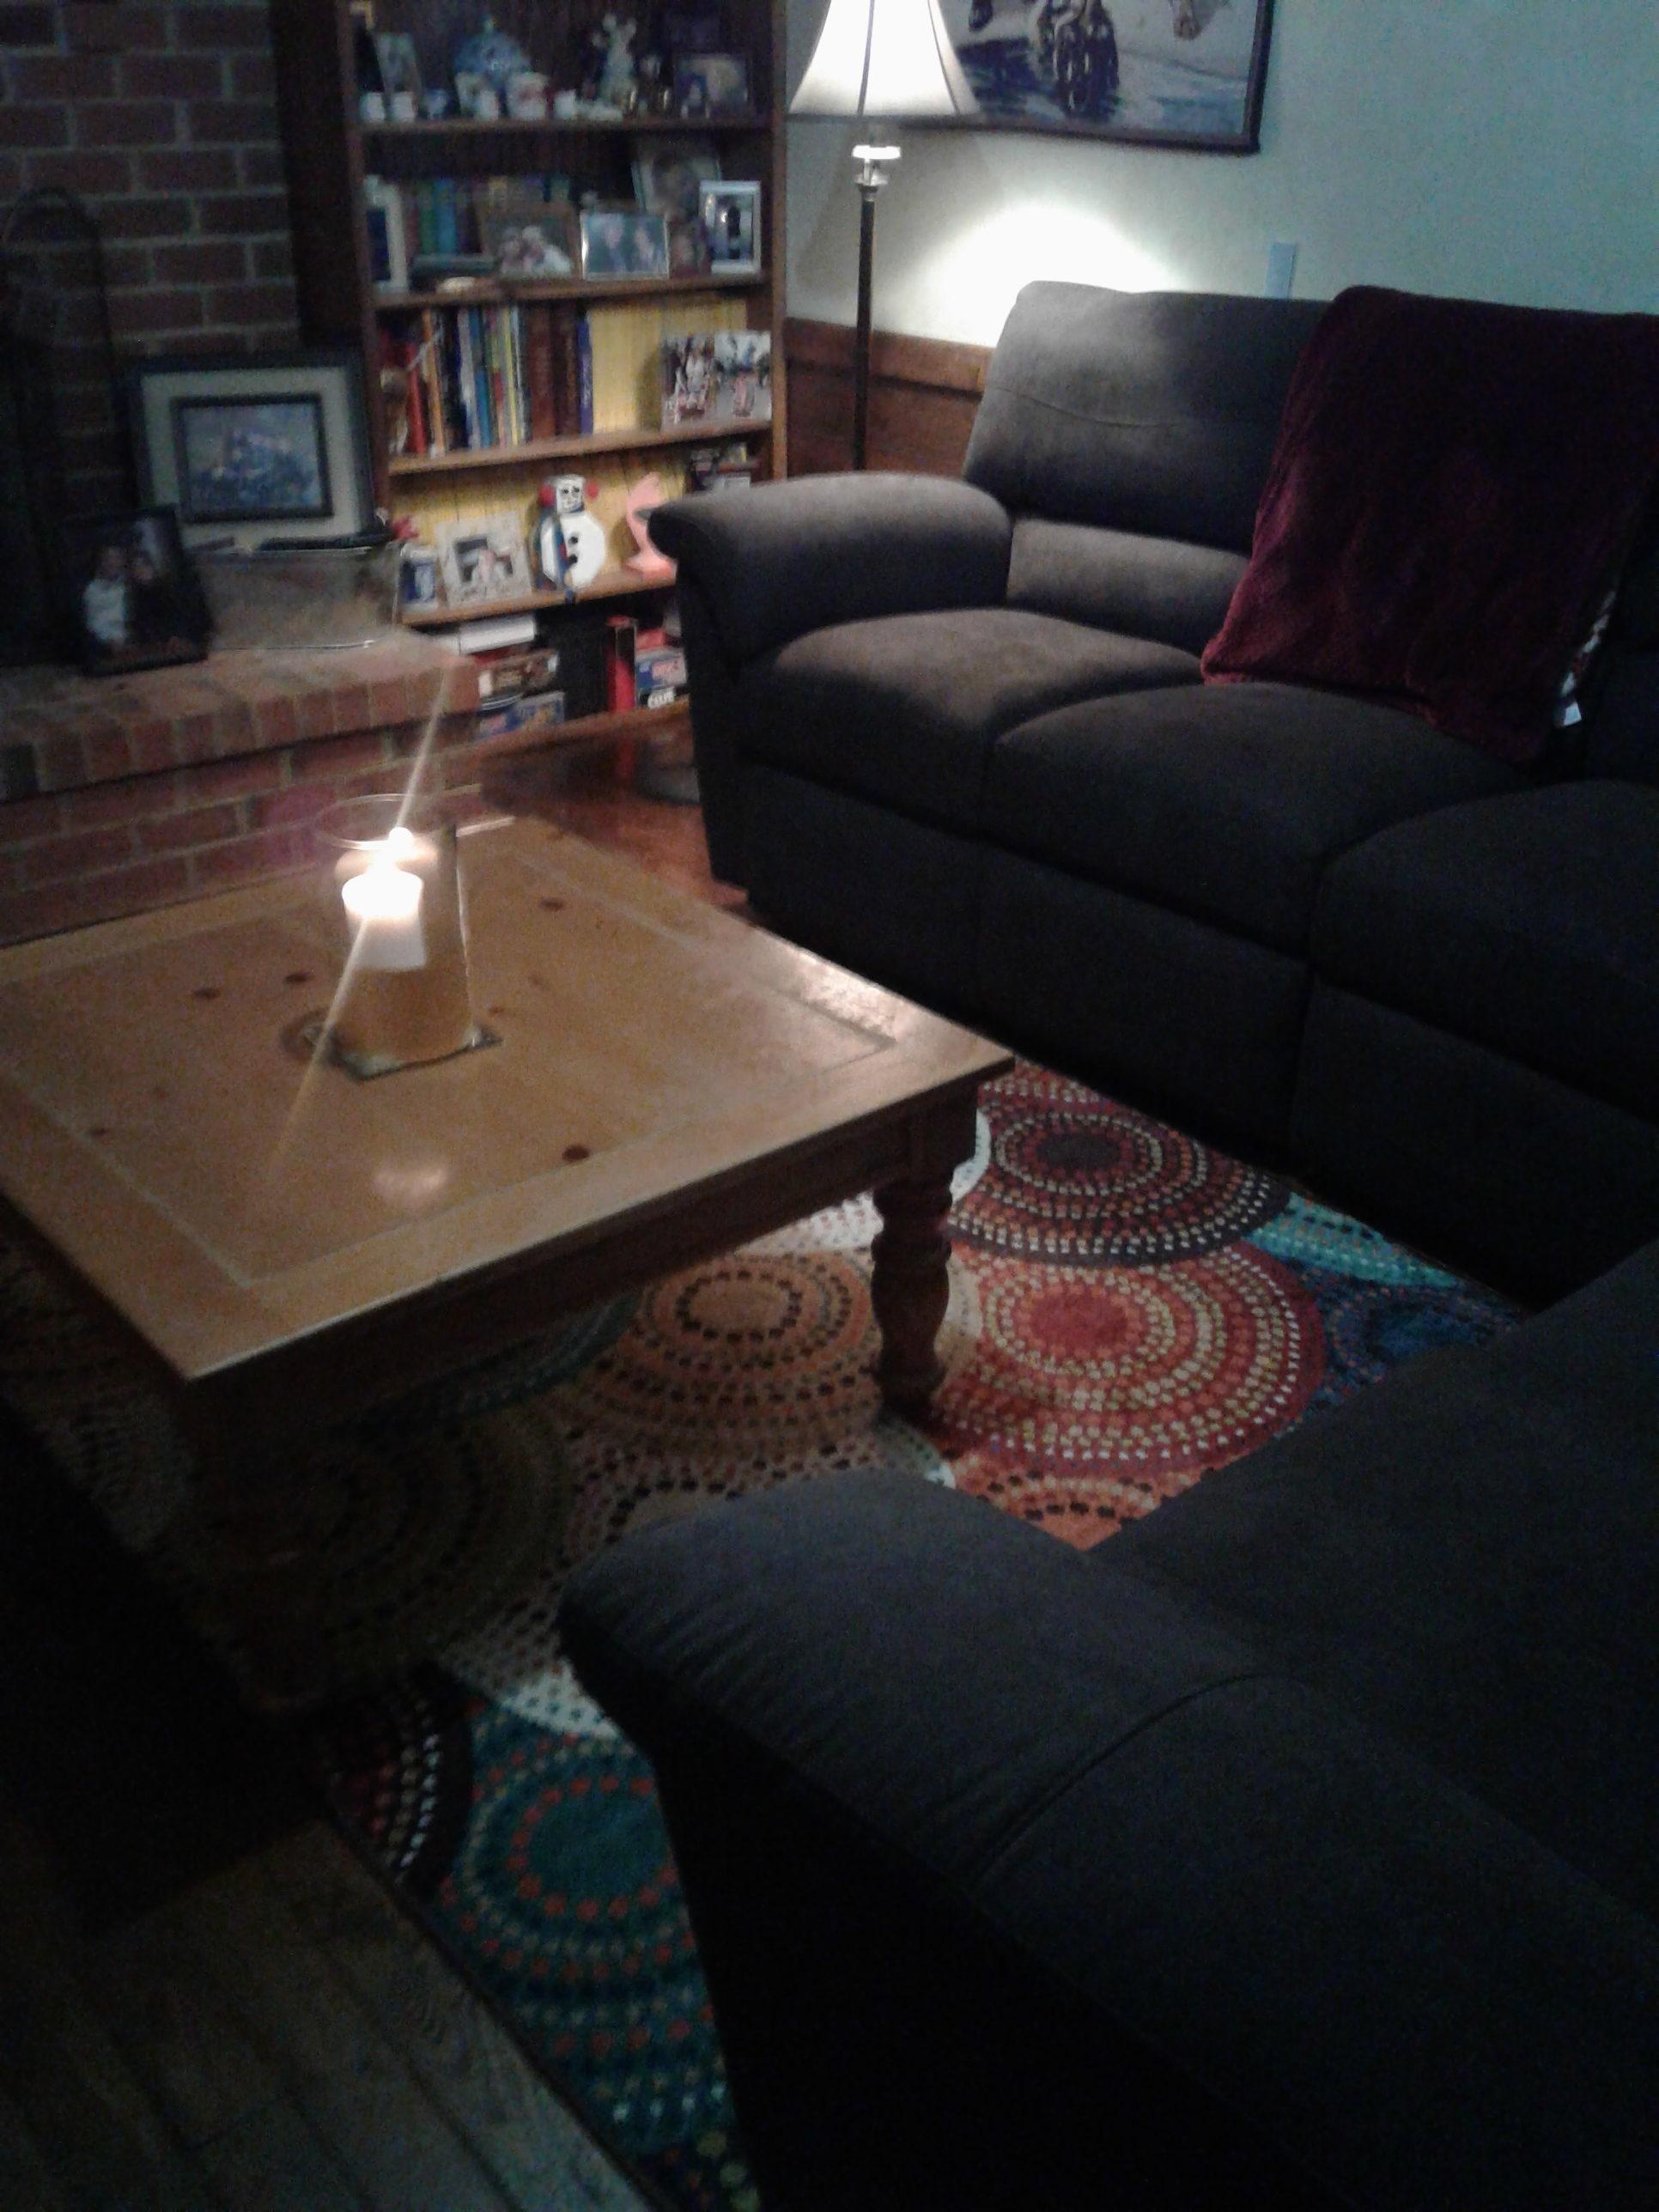 Top 4 864 Reviews And Complaints About La Z Boy Furniture